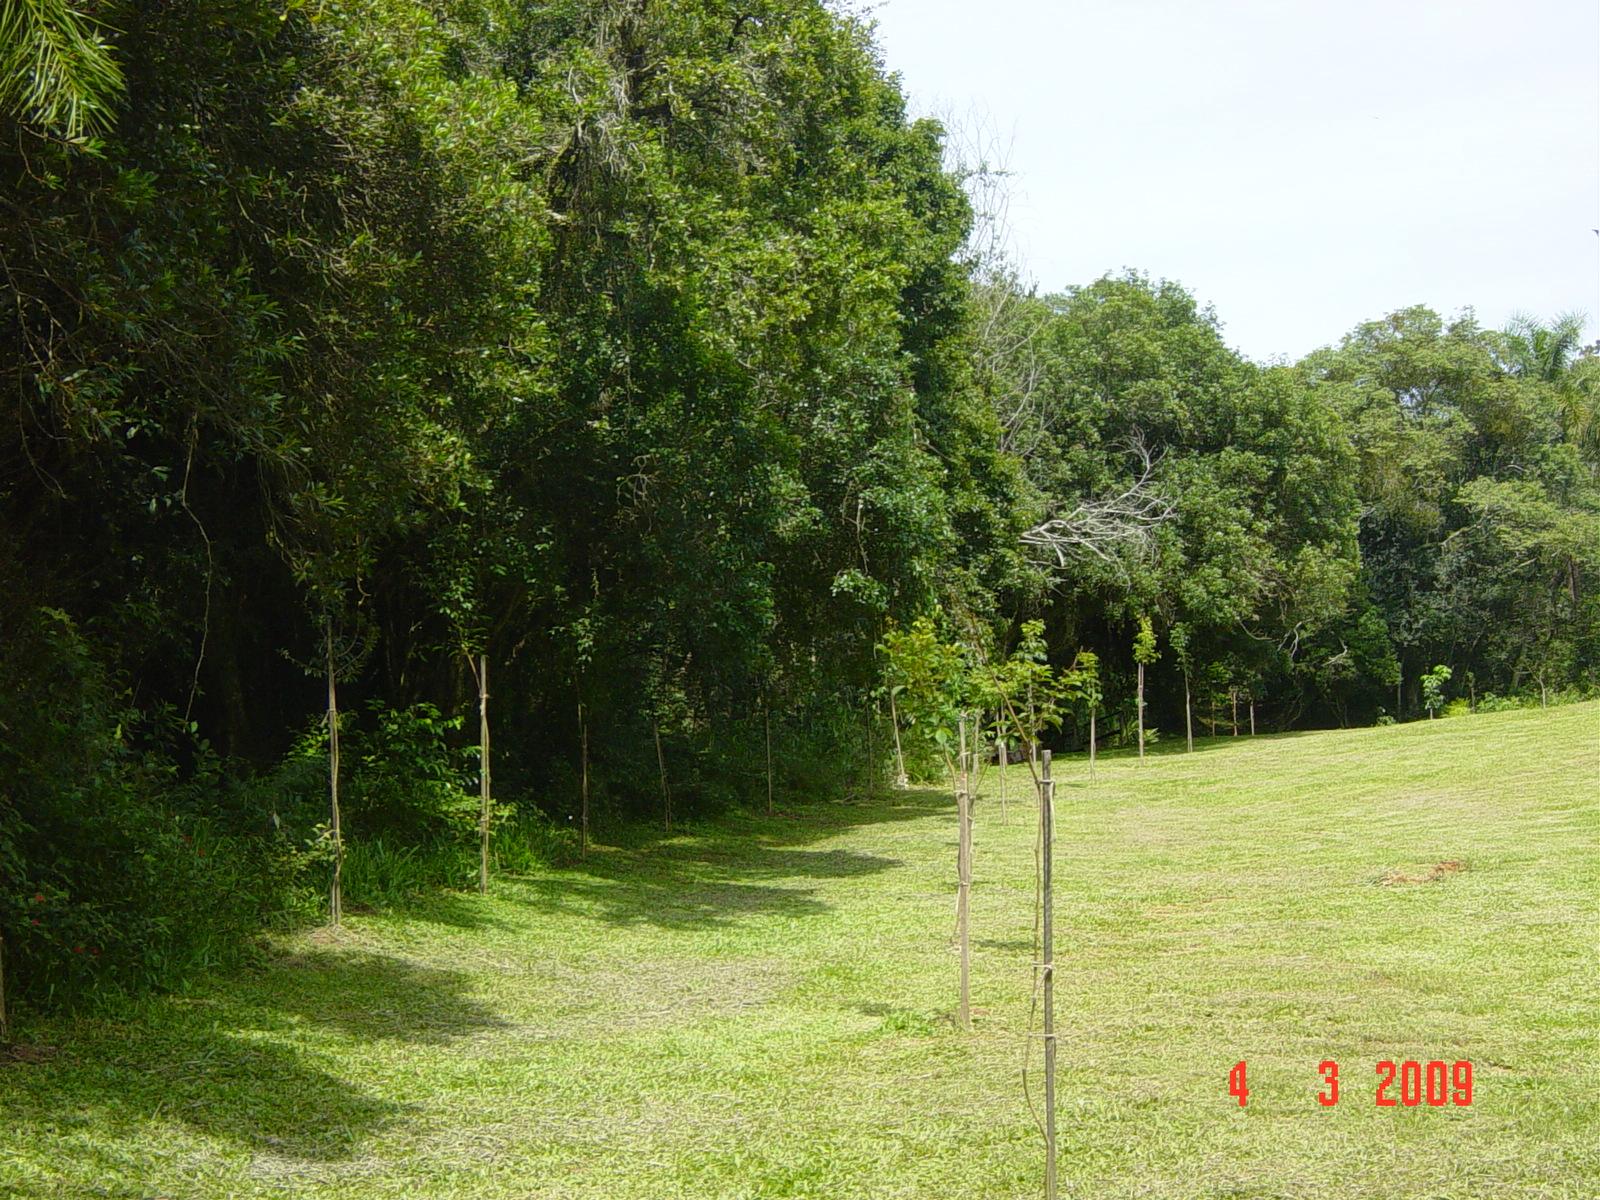 Trilha na APP - Área de preservação permanente